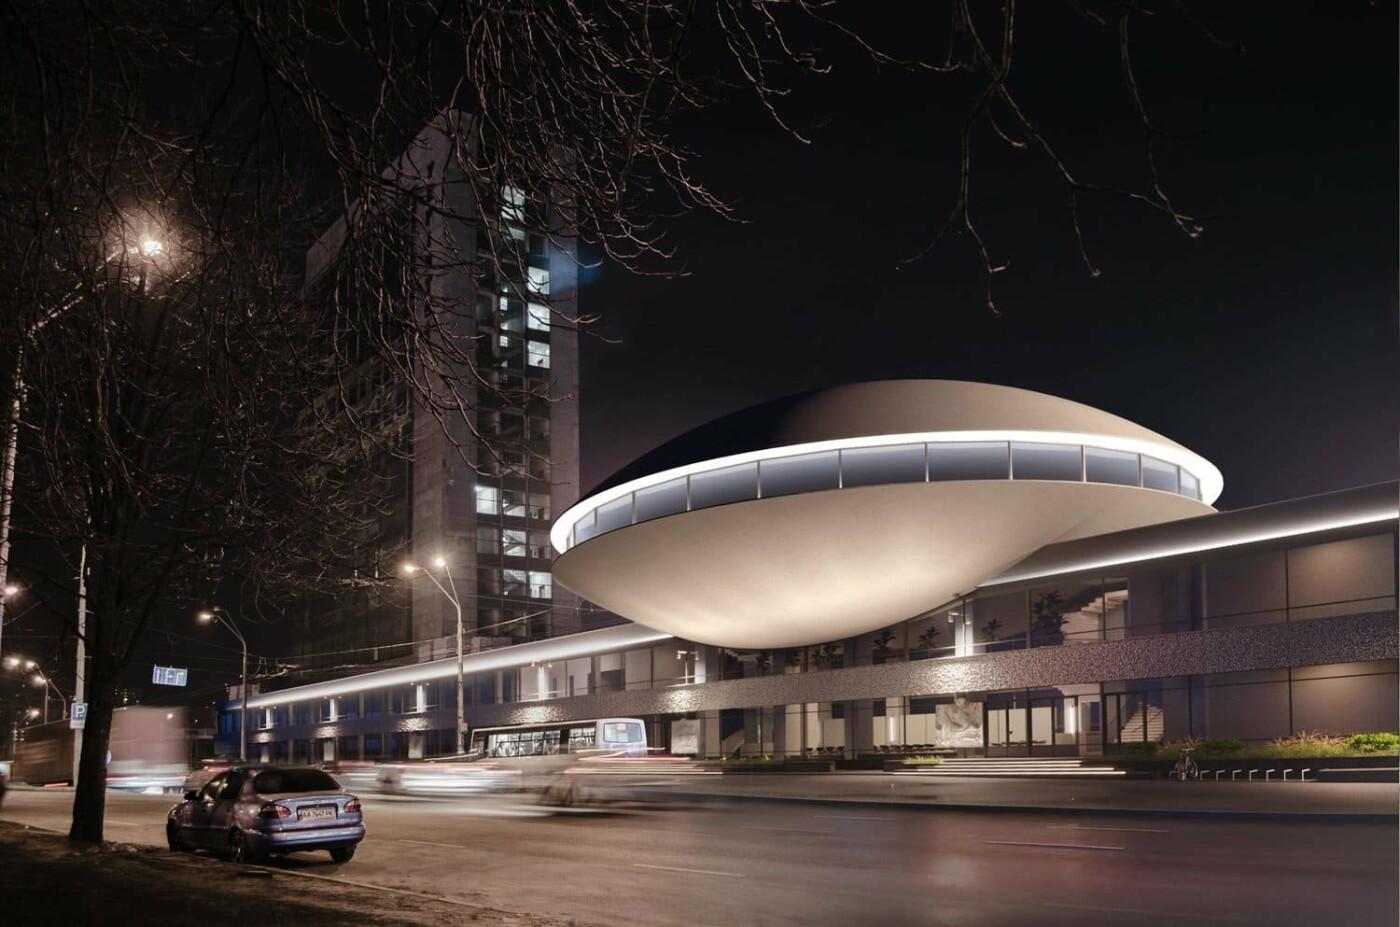 «Тарелка на Лыбедской» в Киеве: история уникального здания и споры вокруг реставрации, - ФОТО, Фото: Gloss ua SaveKYIVmodernism